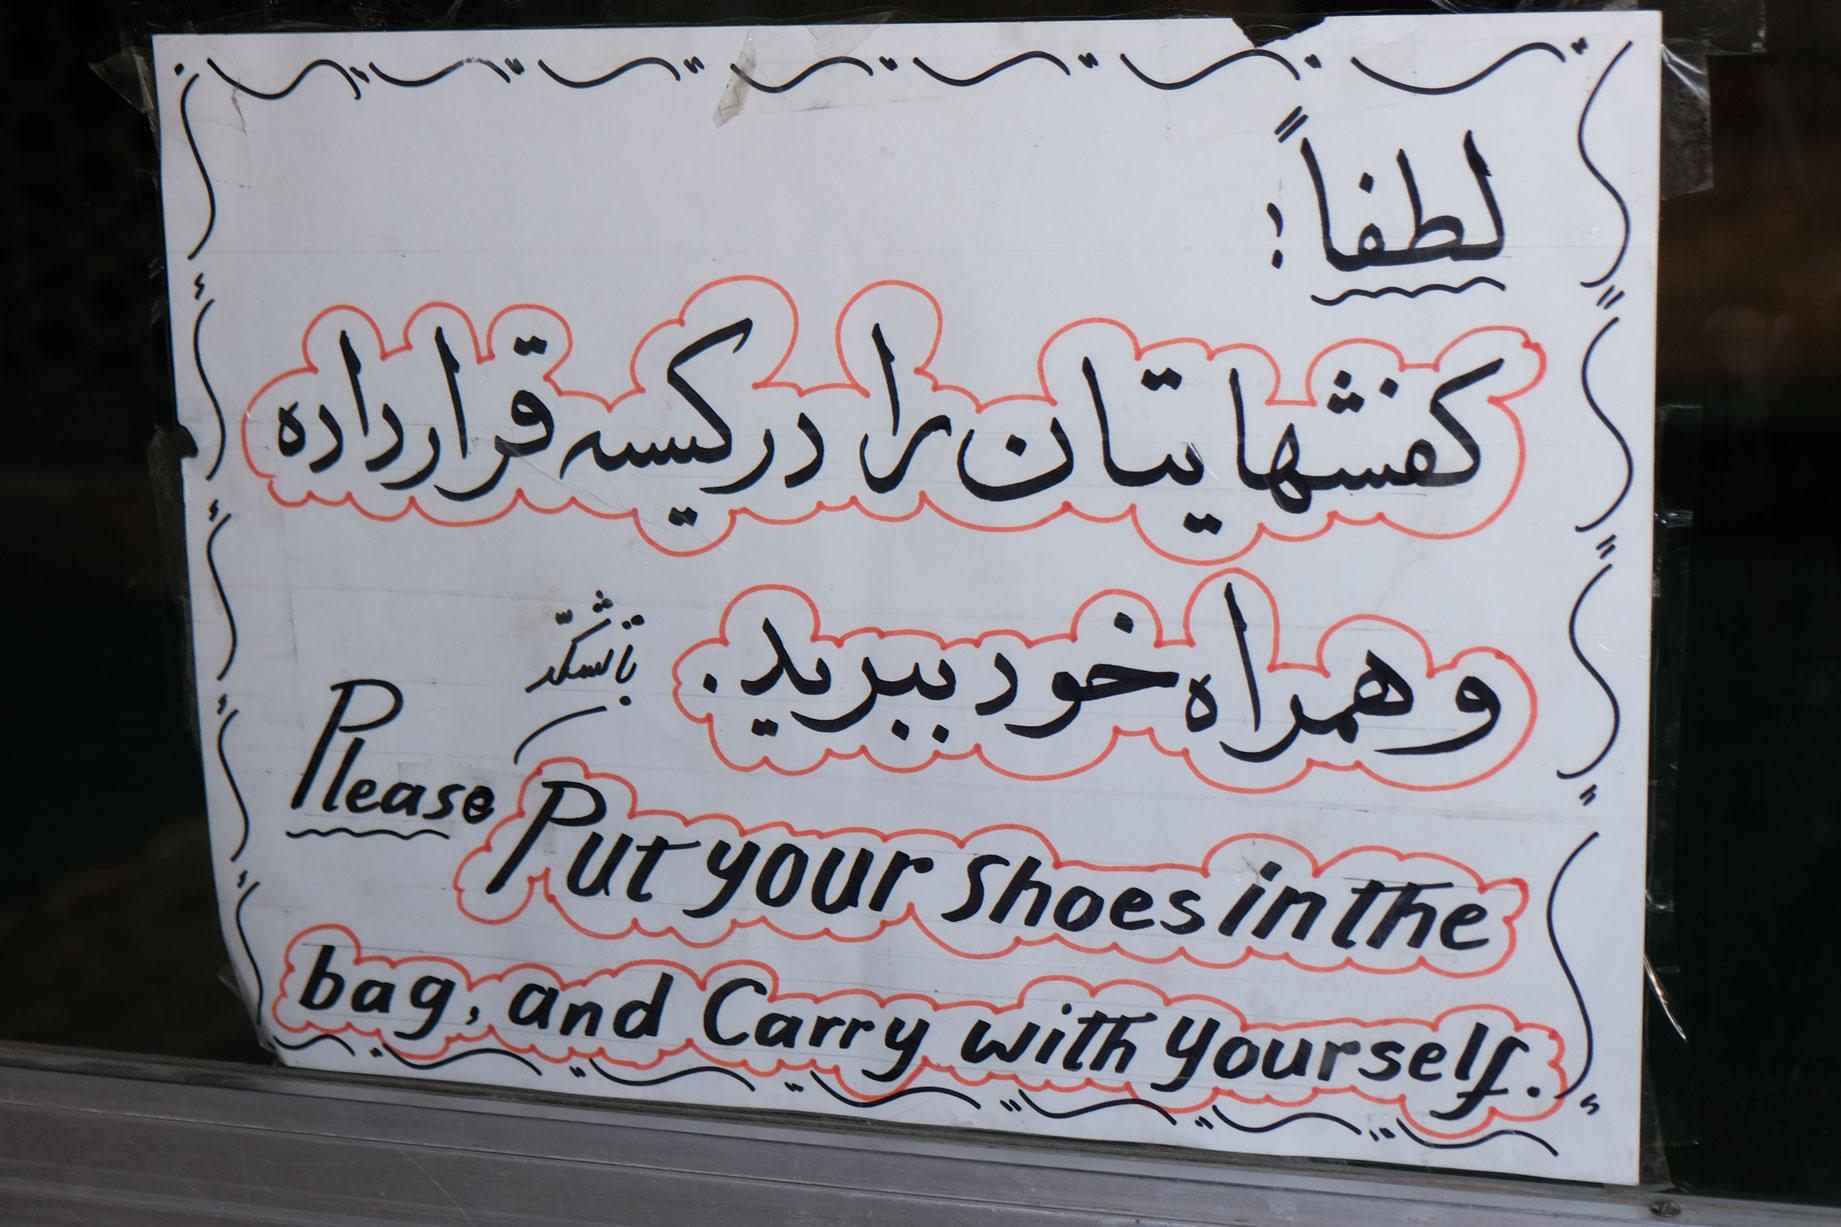 Ein Schild mit der Aufforderung, die Schuhe in eine Tüte zu packen und sie bei sich zu tragen